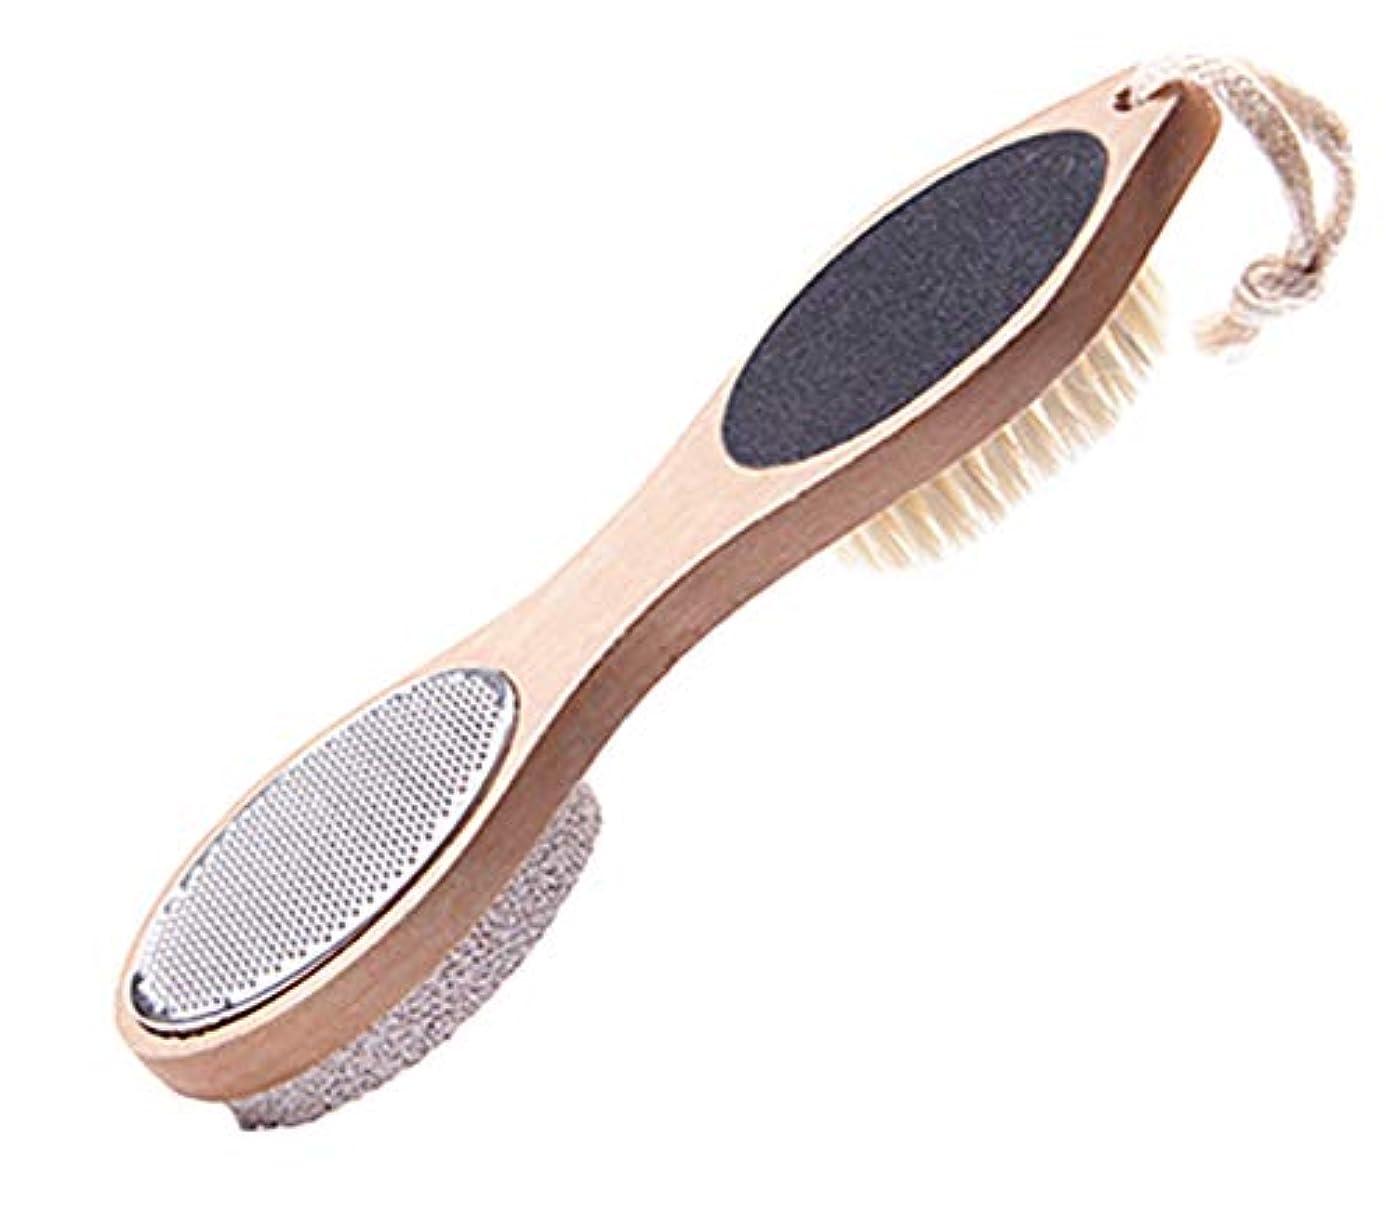 Maltose フットファイル 脚裏ブラシ 豚毛 軽石 四つ用途フットブラシ フットメジ 角質.魚の目やすり 足用 足の裏ブラシ かかと削り